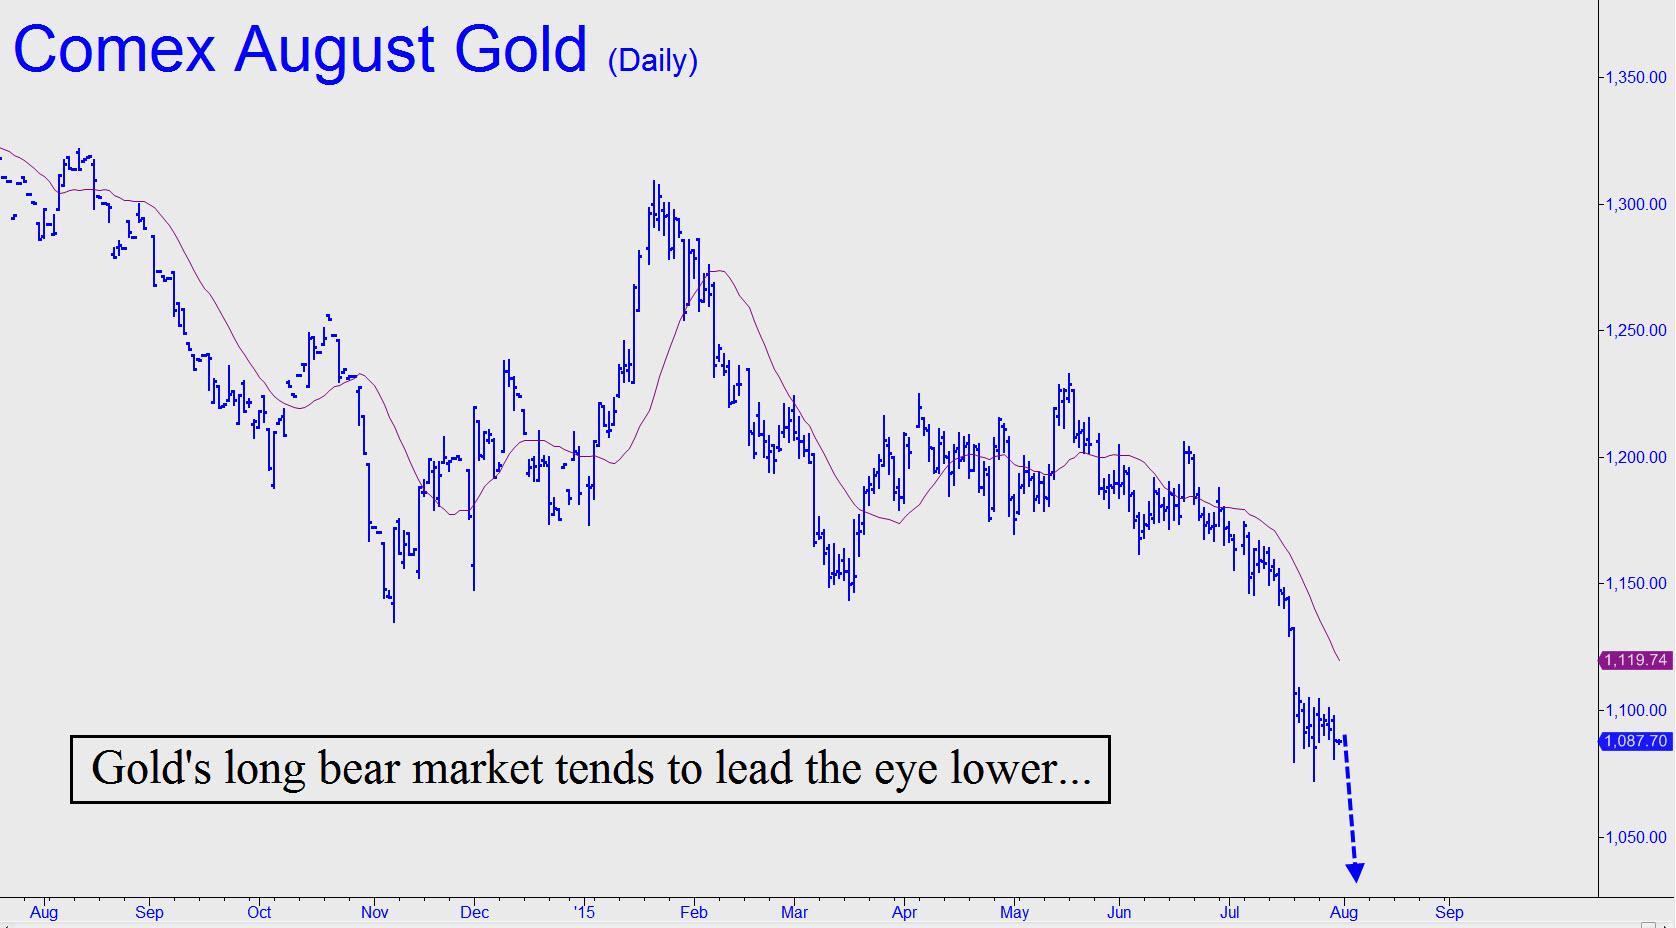 prix de l'or, de l'argent et des minières / suivi 2015 et ultérieurement - Page 4 Golds-long-bear-market-tends